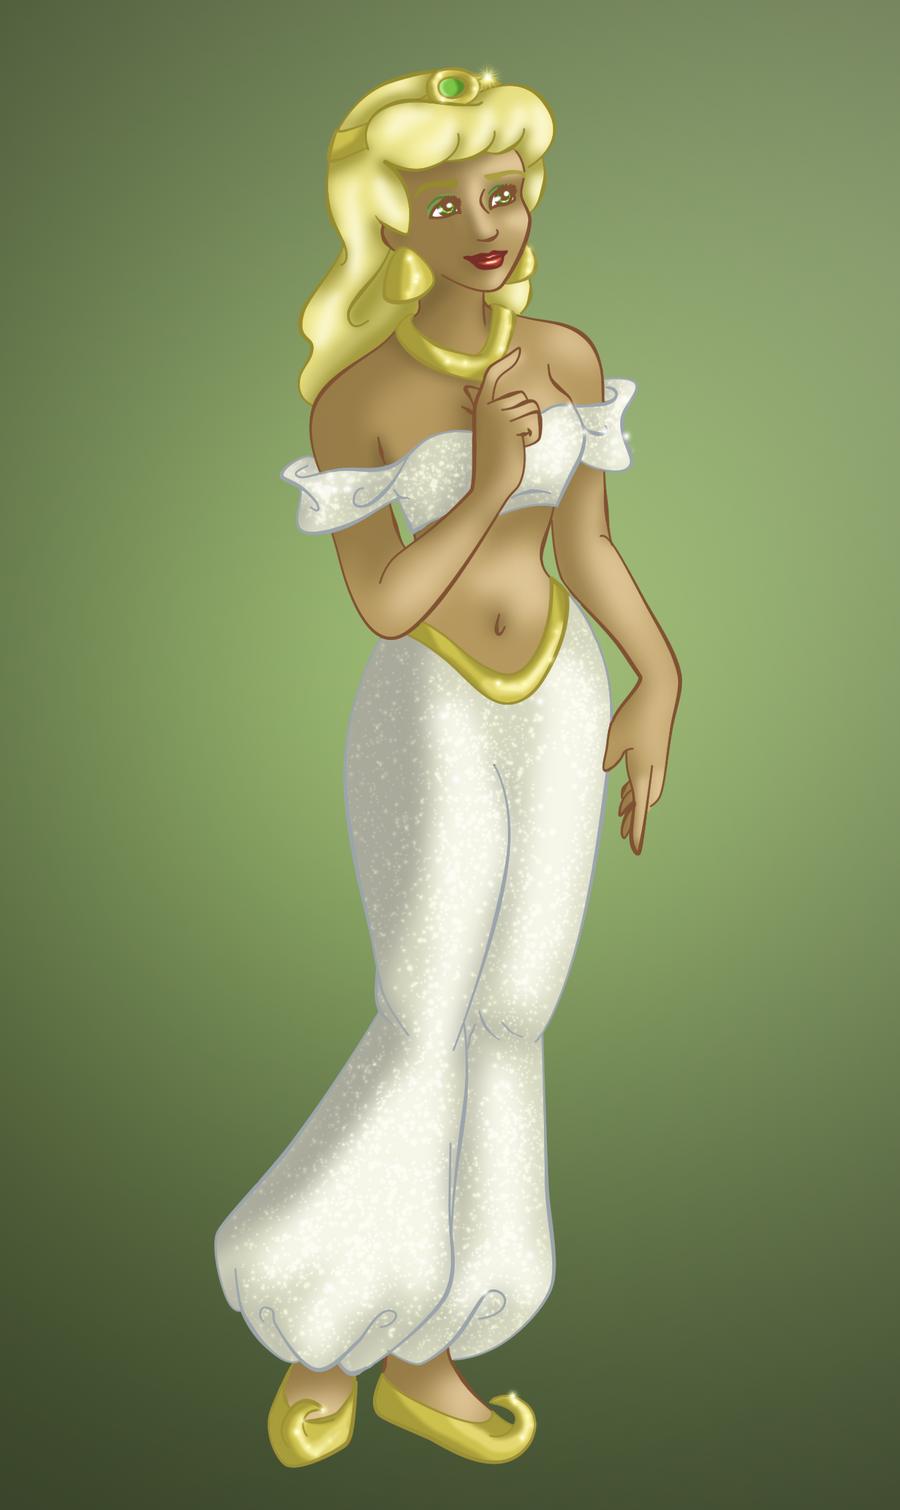 Cinderella as Jasmine - Color by whysp80